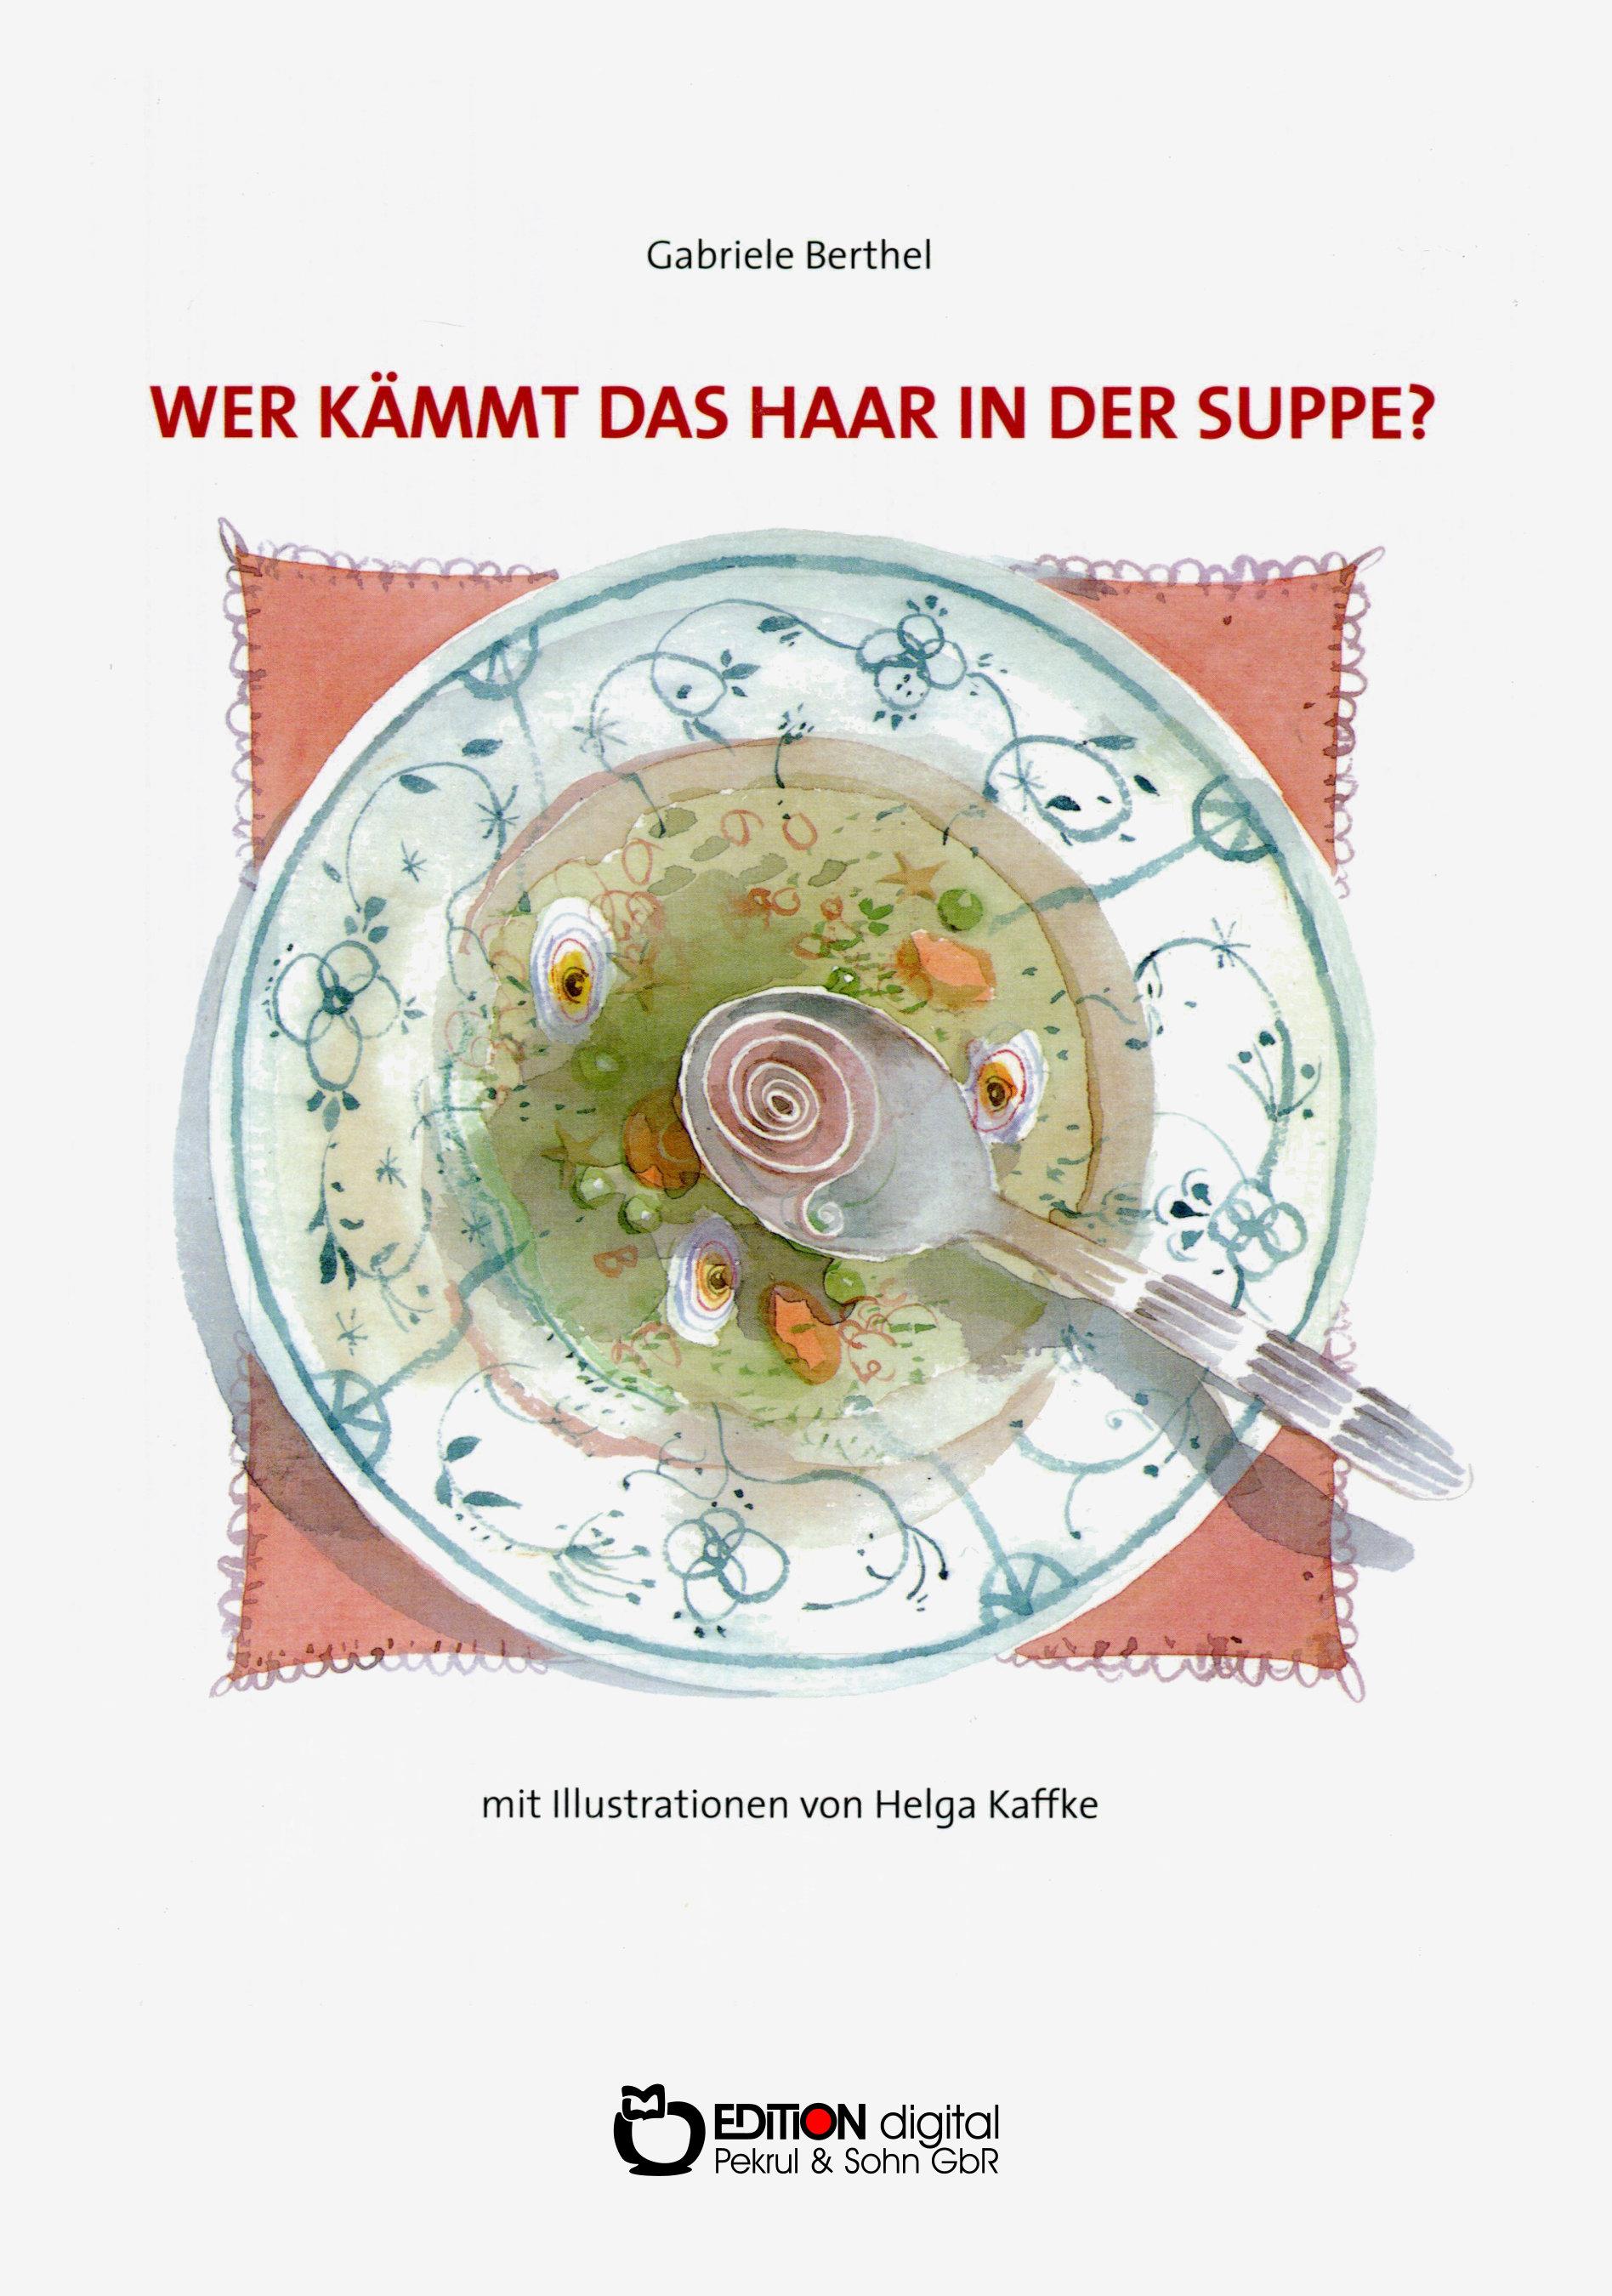 Wer kämmt das Haar in der Suppe? Texte für Kinder zum Lesen, Rätseln, Spielen und Zungenbrechen von Gabriele Berthel, Helga Kaffke (Illustrator)